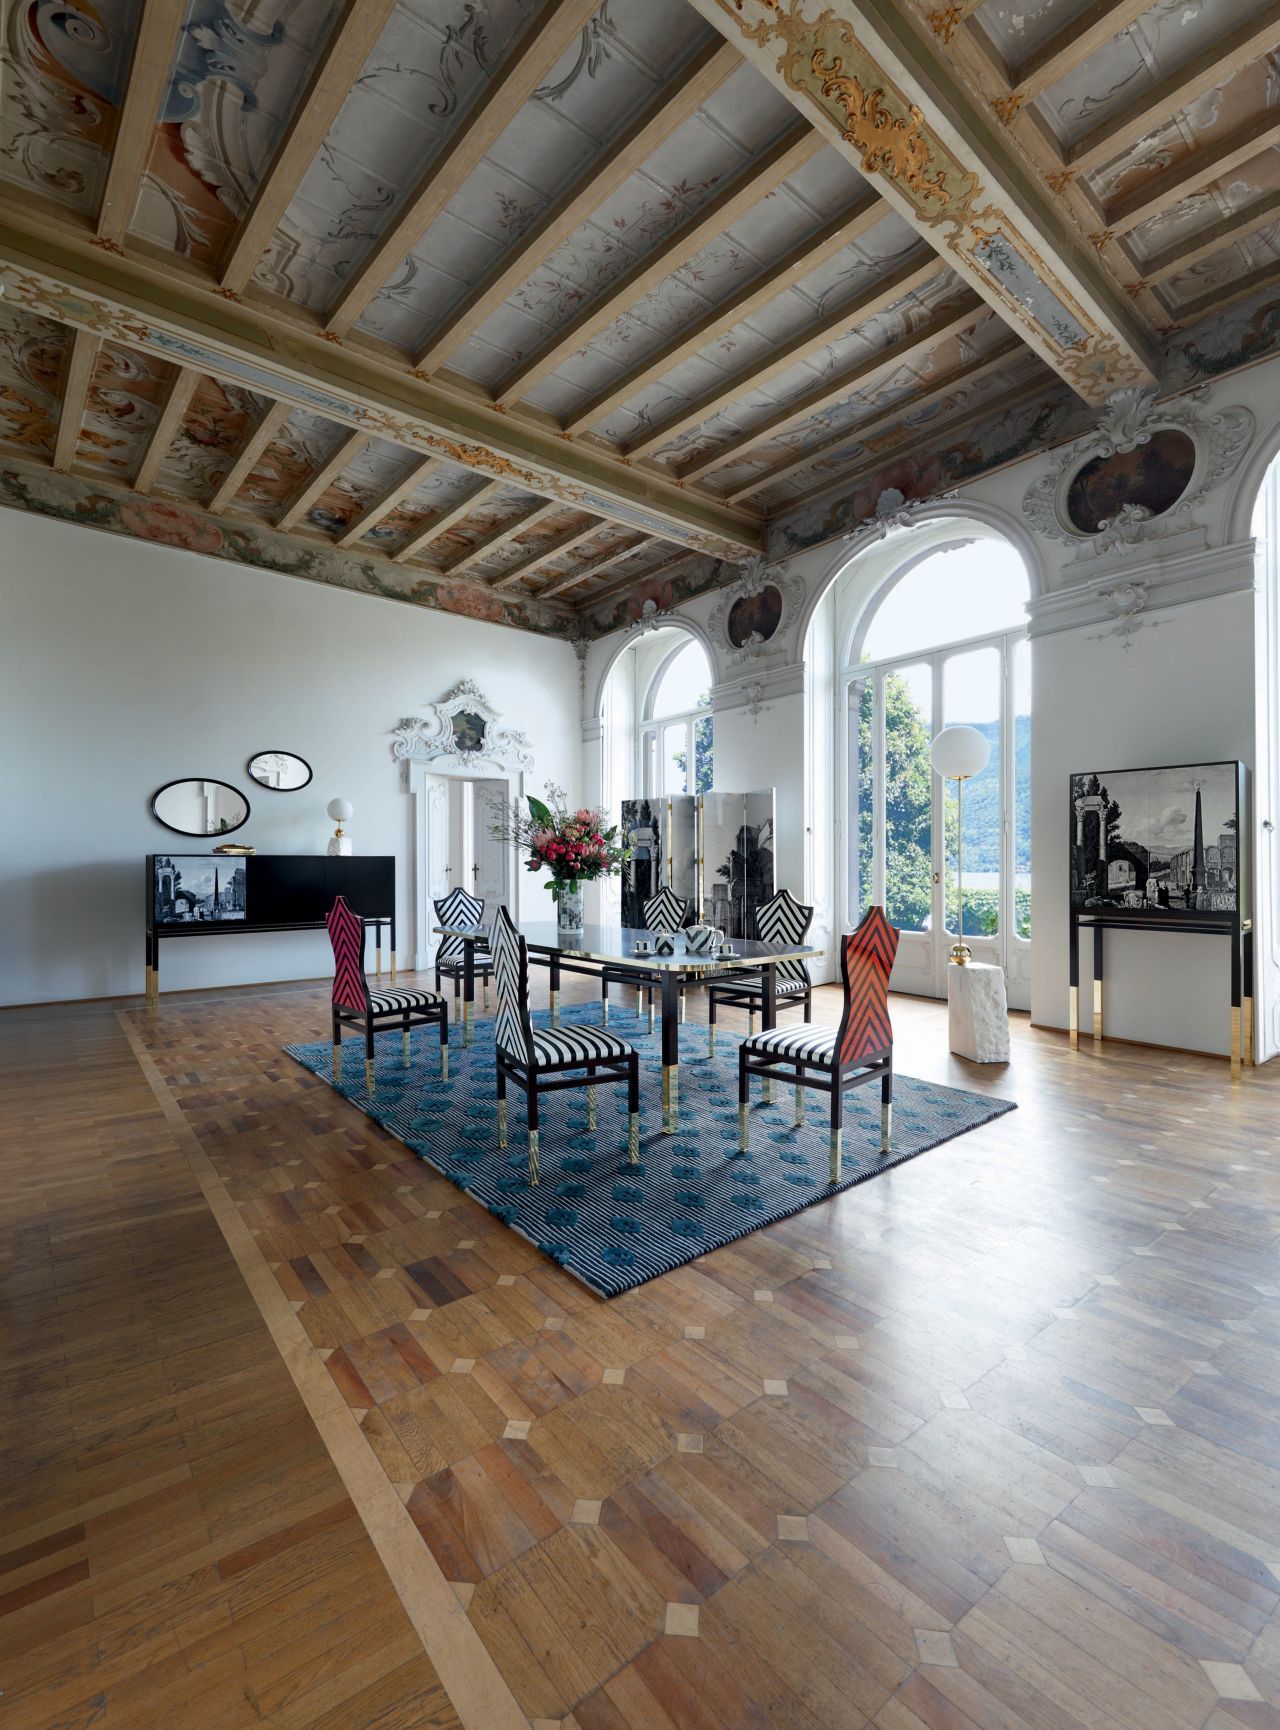 Maison lacroix rectangular dining table nouveaux for Salle a manger roche bobois